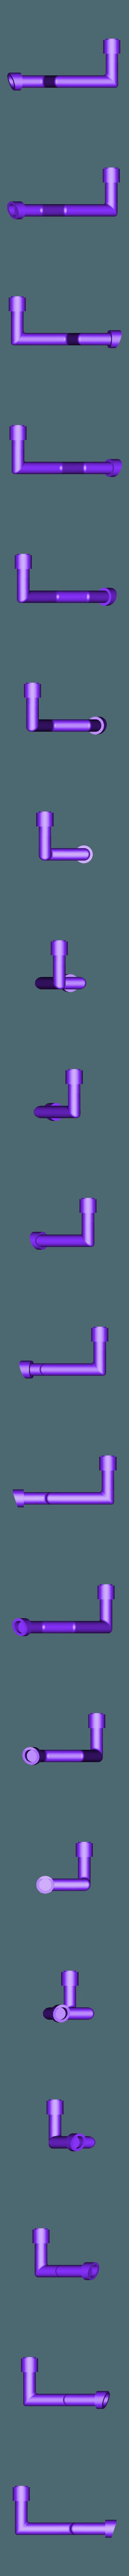 Small-Pipe-Boiler-Side.stl Télécharger fichier STL gratuit Planète Express 3030 • Objet à imprimer en 3D, Piggie